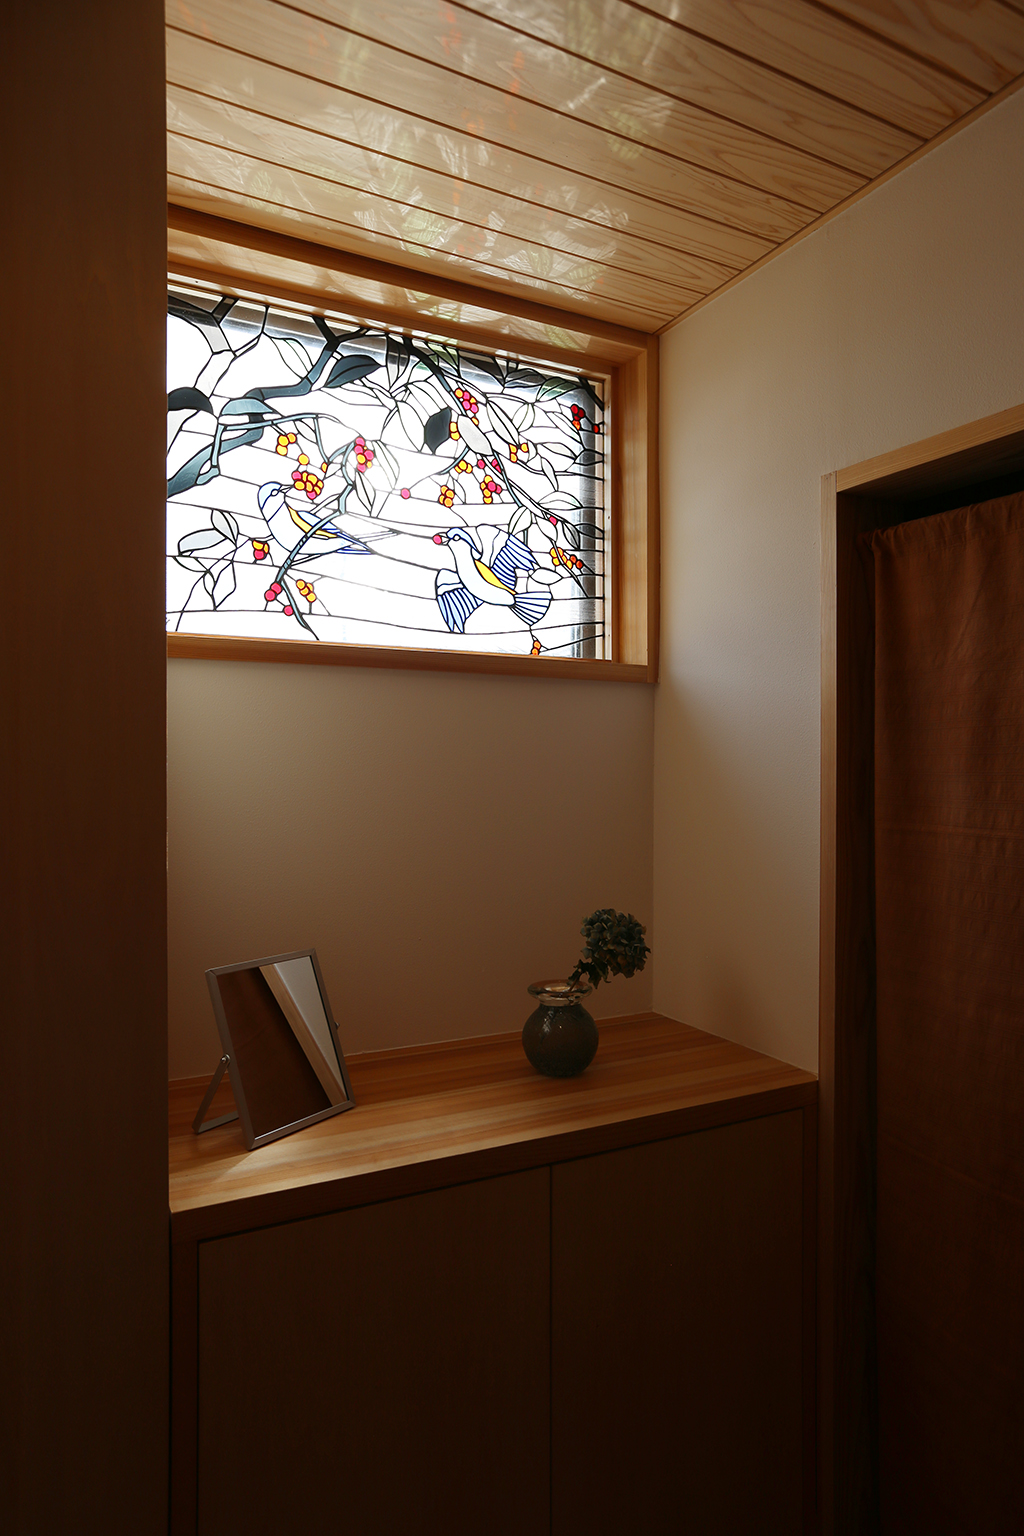 姫路市の木の家 お気に入りのステンドグラスをはめ込んだ窓